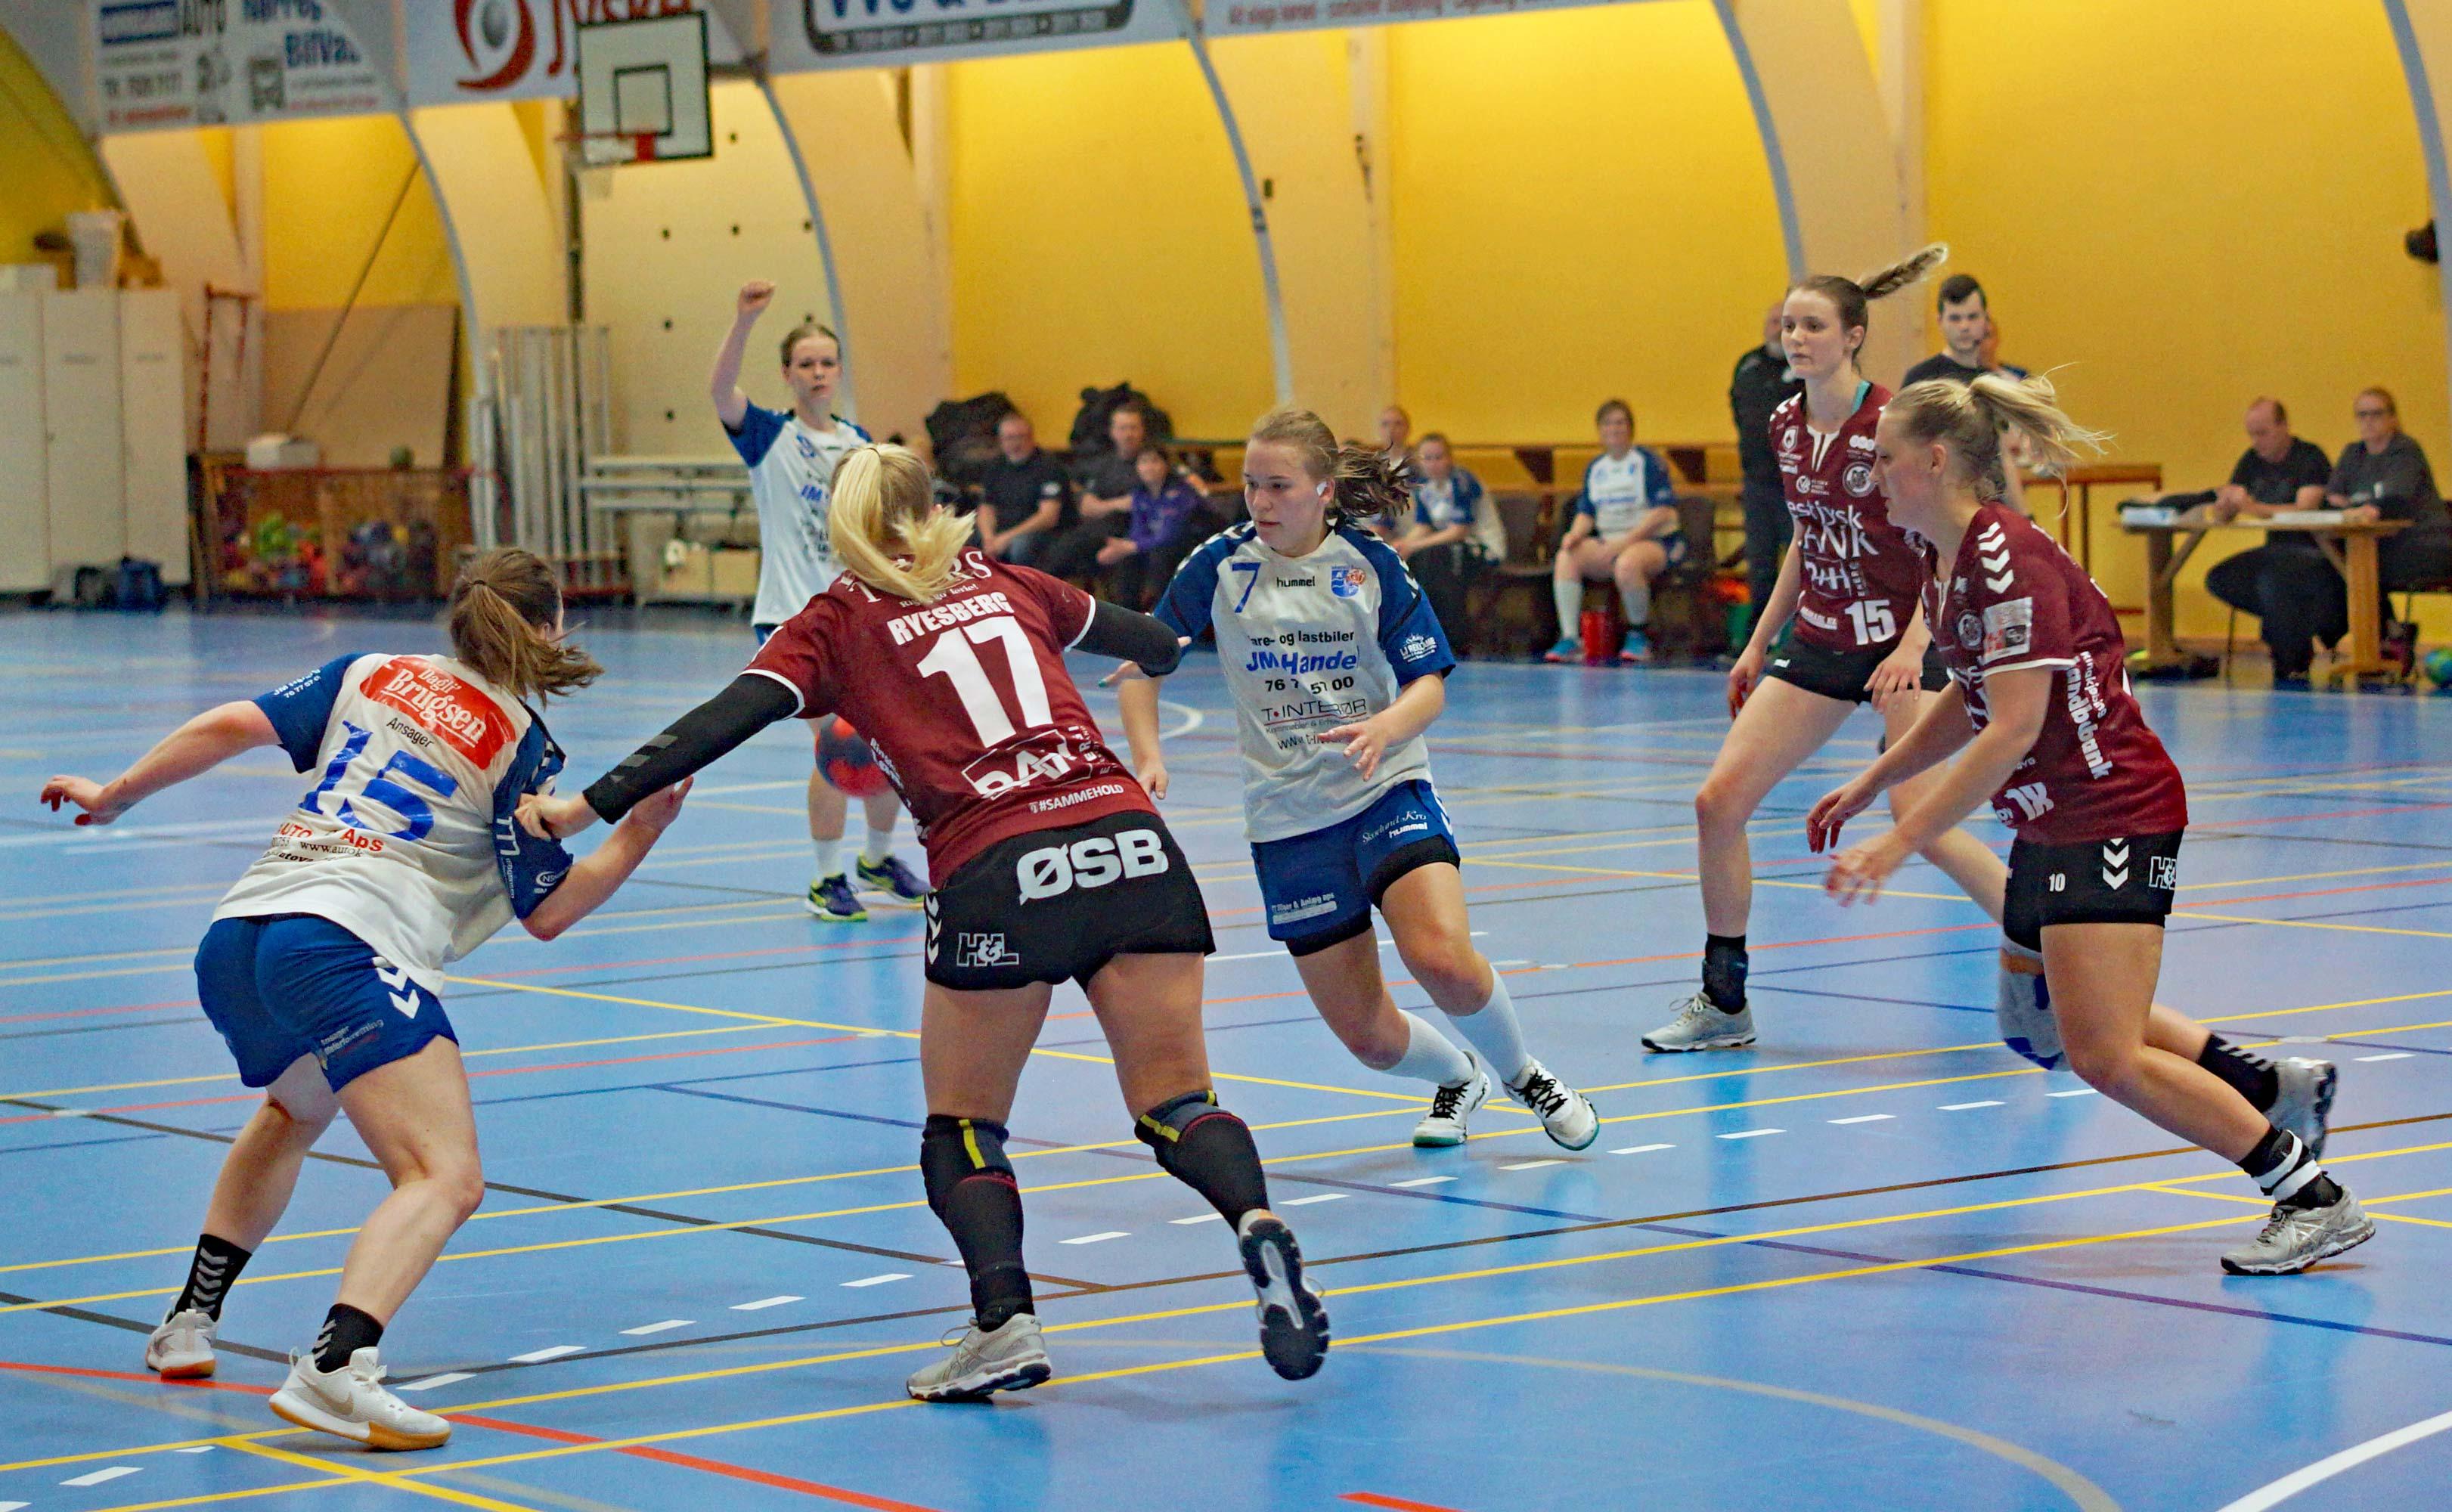 ad3ca4ffb8a Håndbold: Kamp mod norsk 2. divisionshold